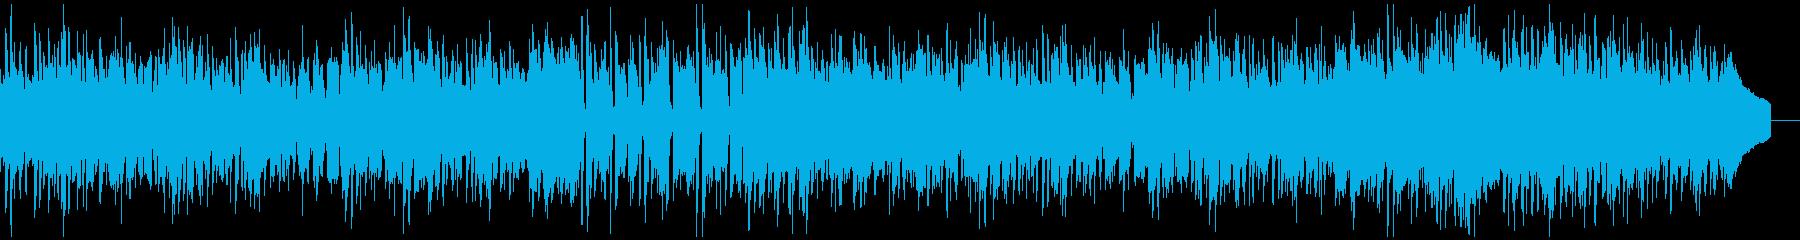 OP向き/明るくかわいいポップスの再生済みの波形